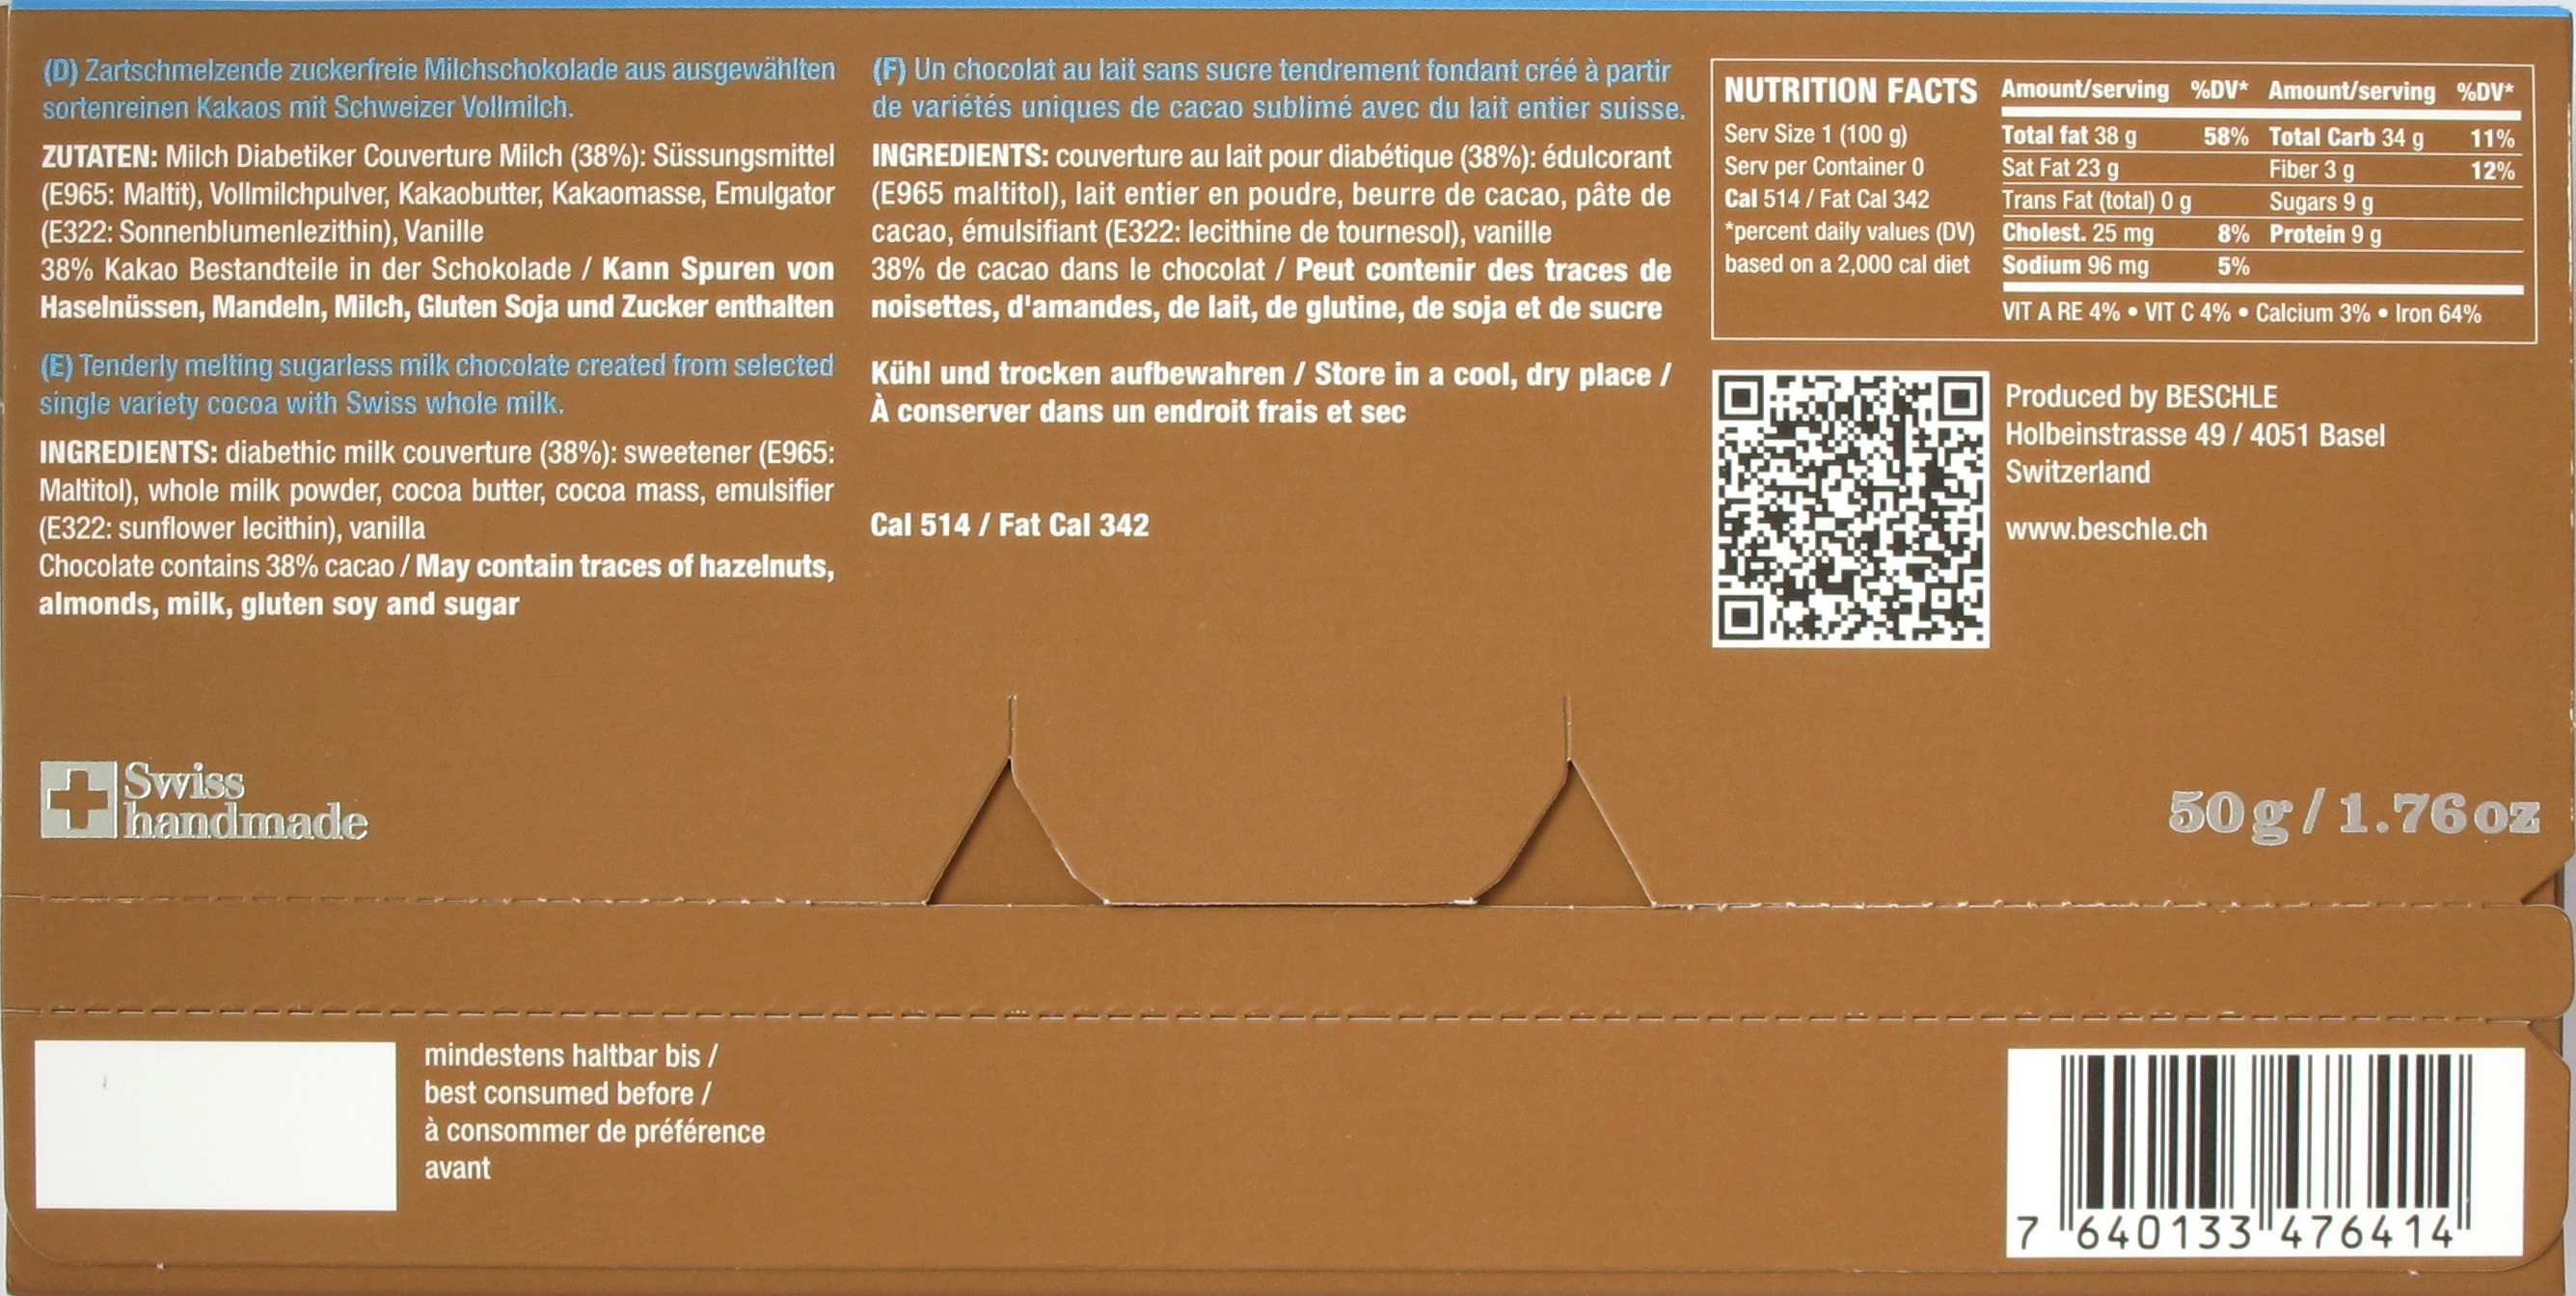 Beschle-Schokolade 38% Milch Zuckerfrei, Rückseite